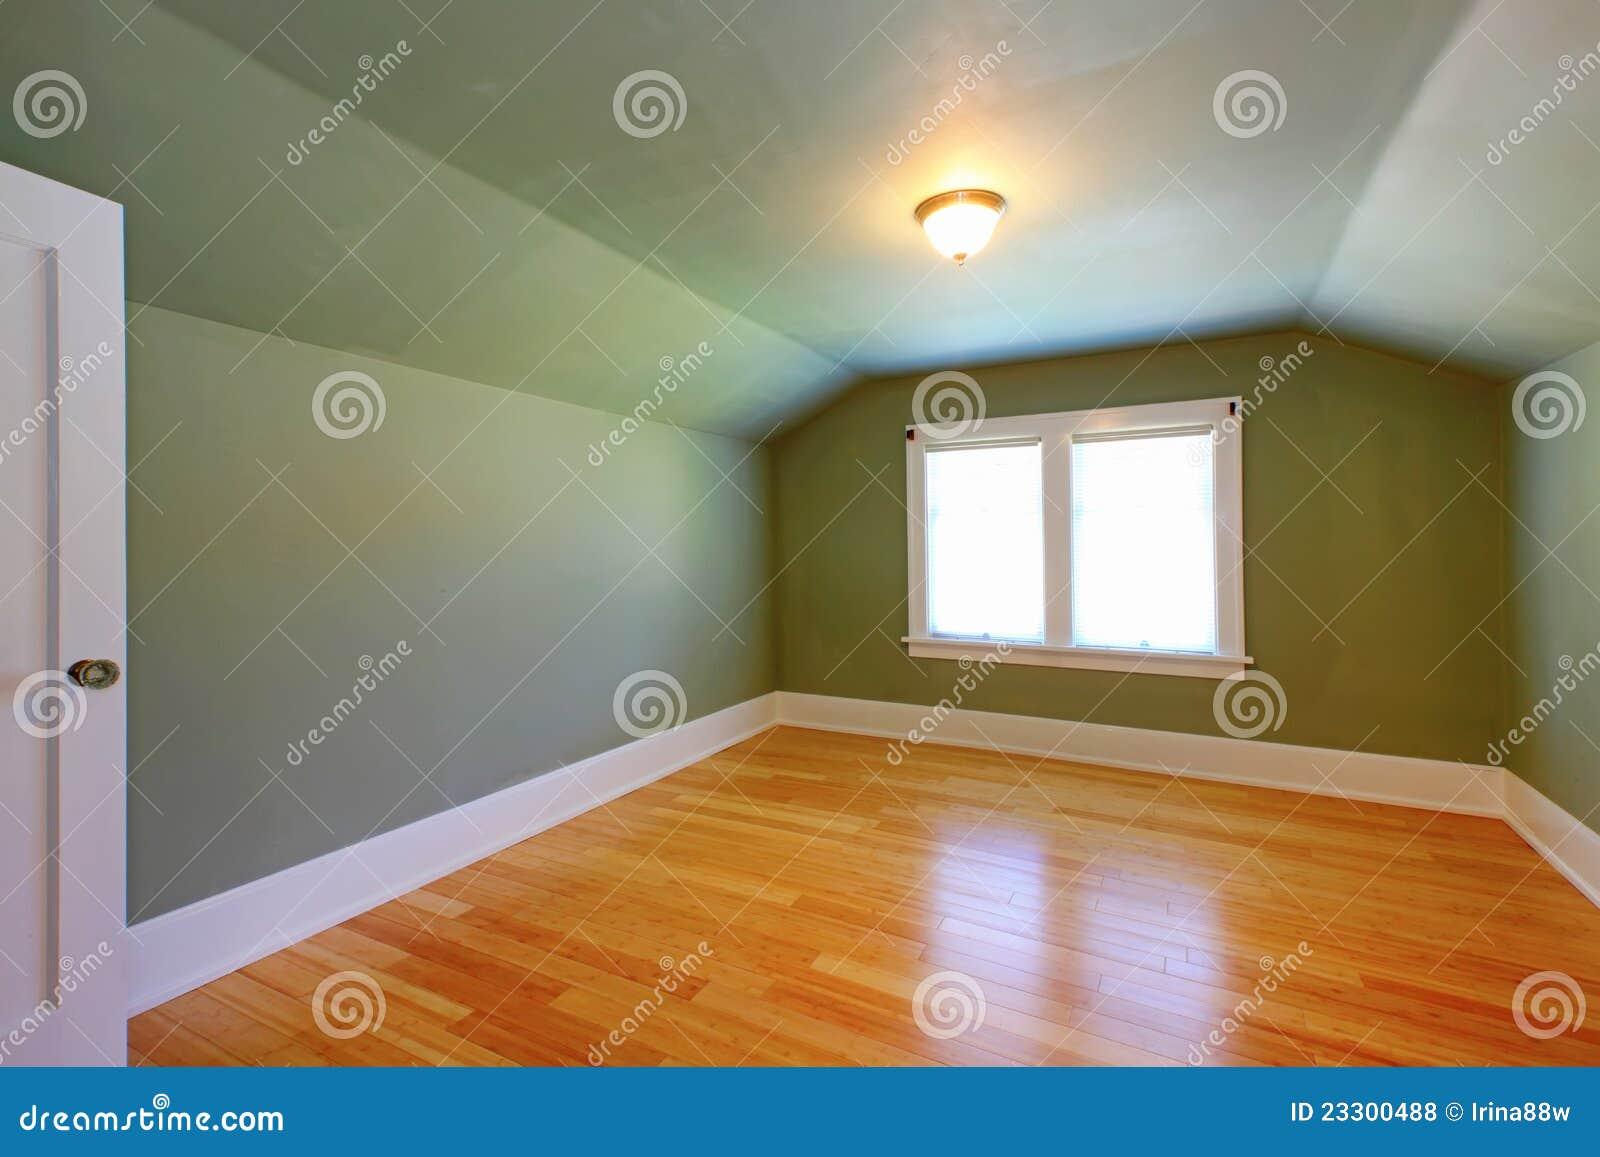 顶楼最高限额绿色低空间